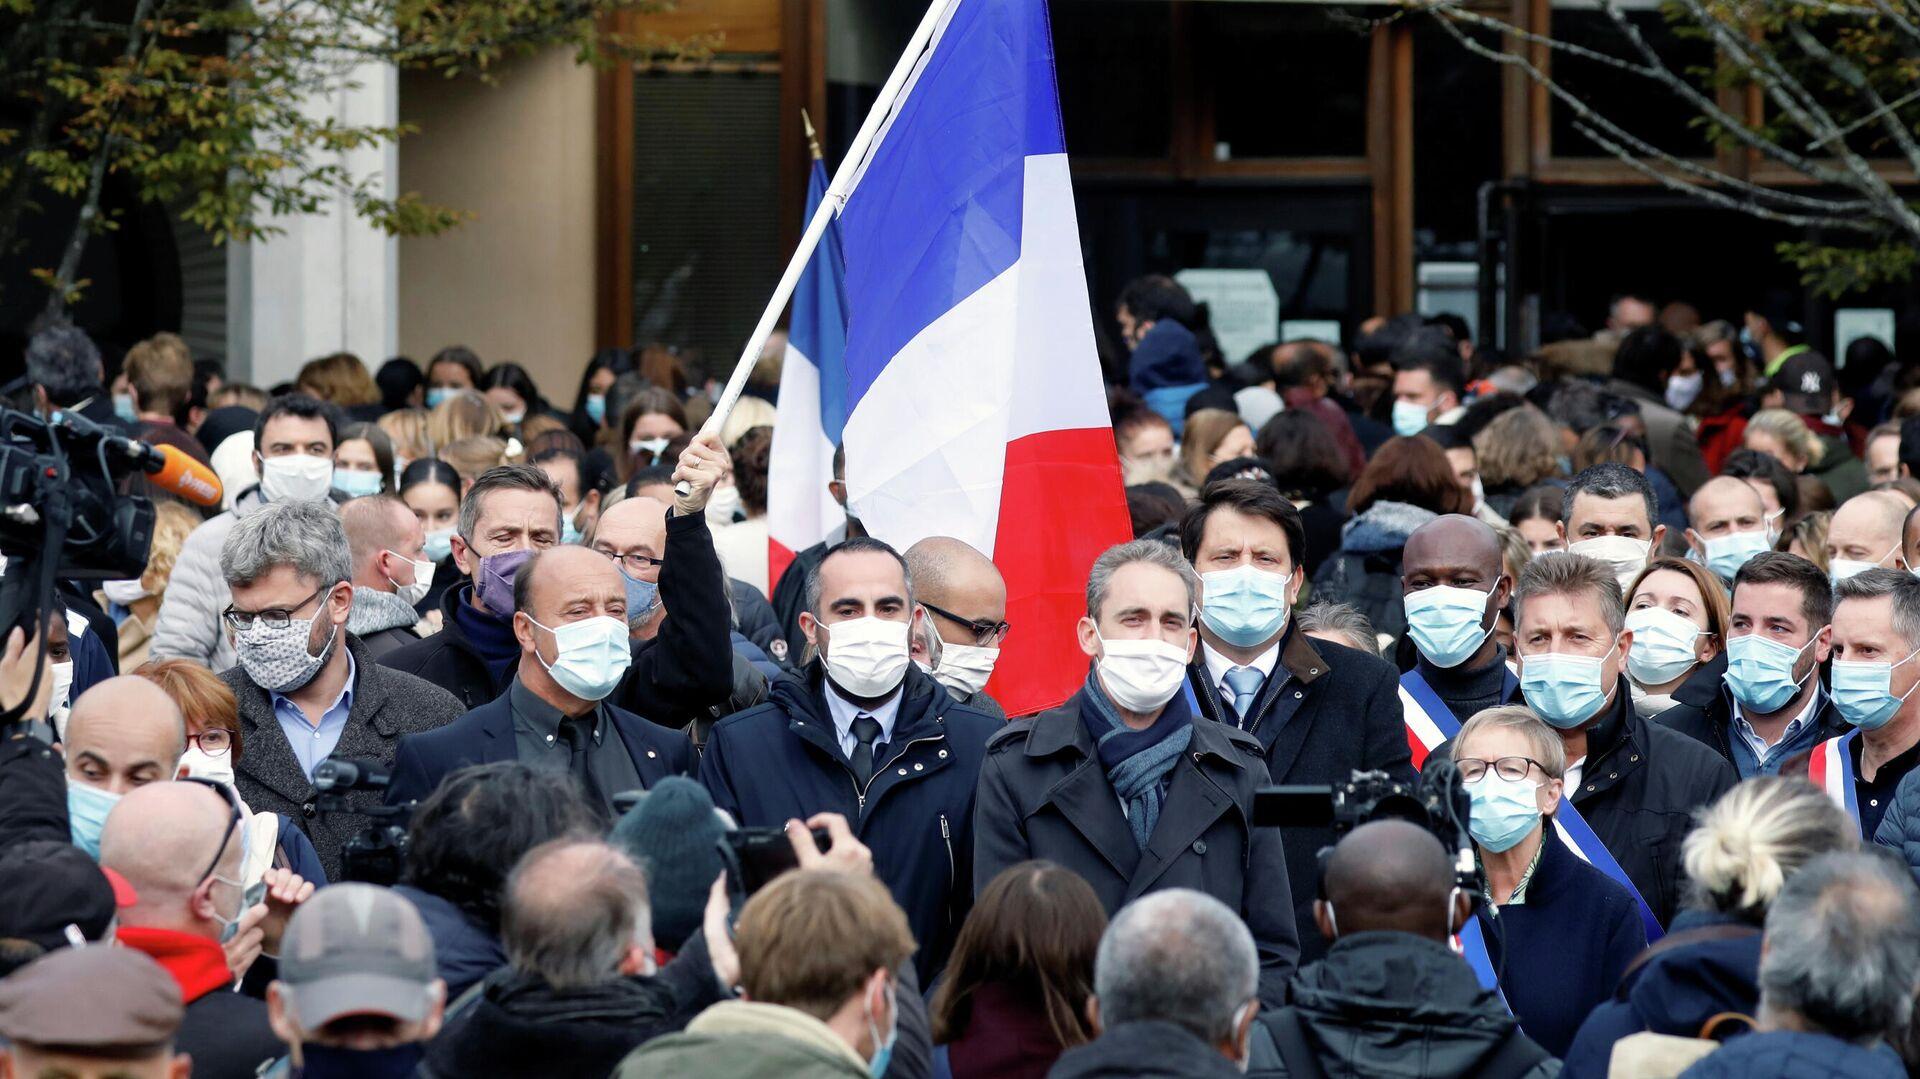 Мэра города во Франции угрожают обезглавить за борьбу с преступностью